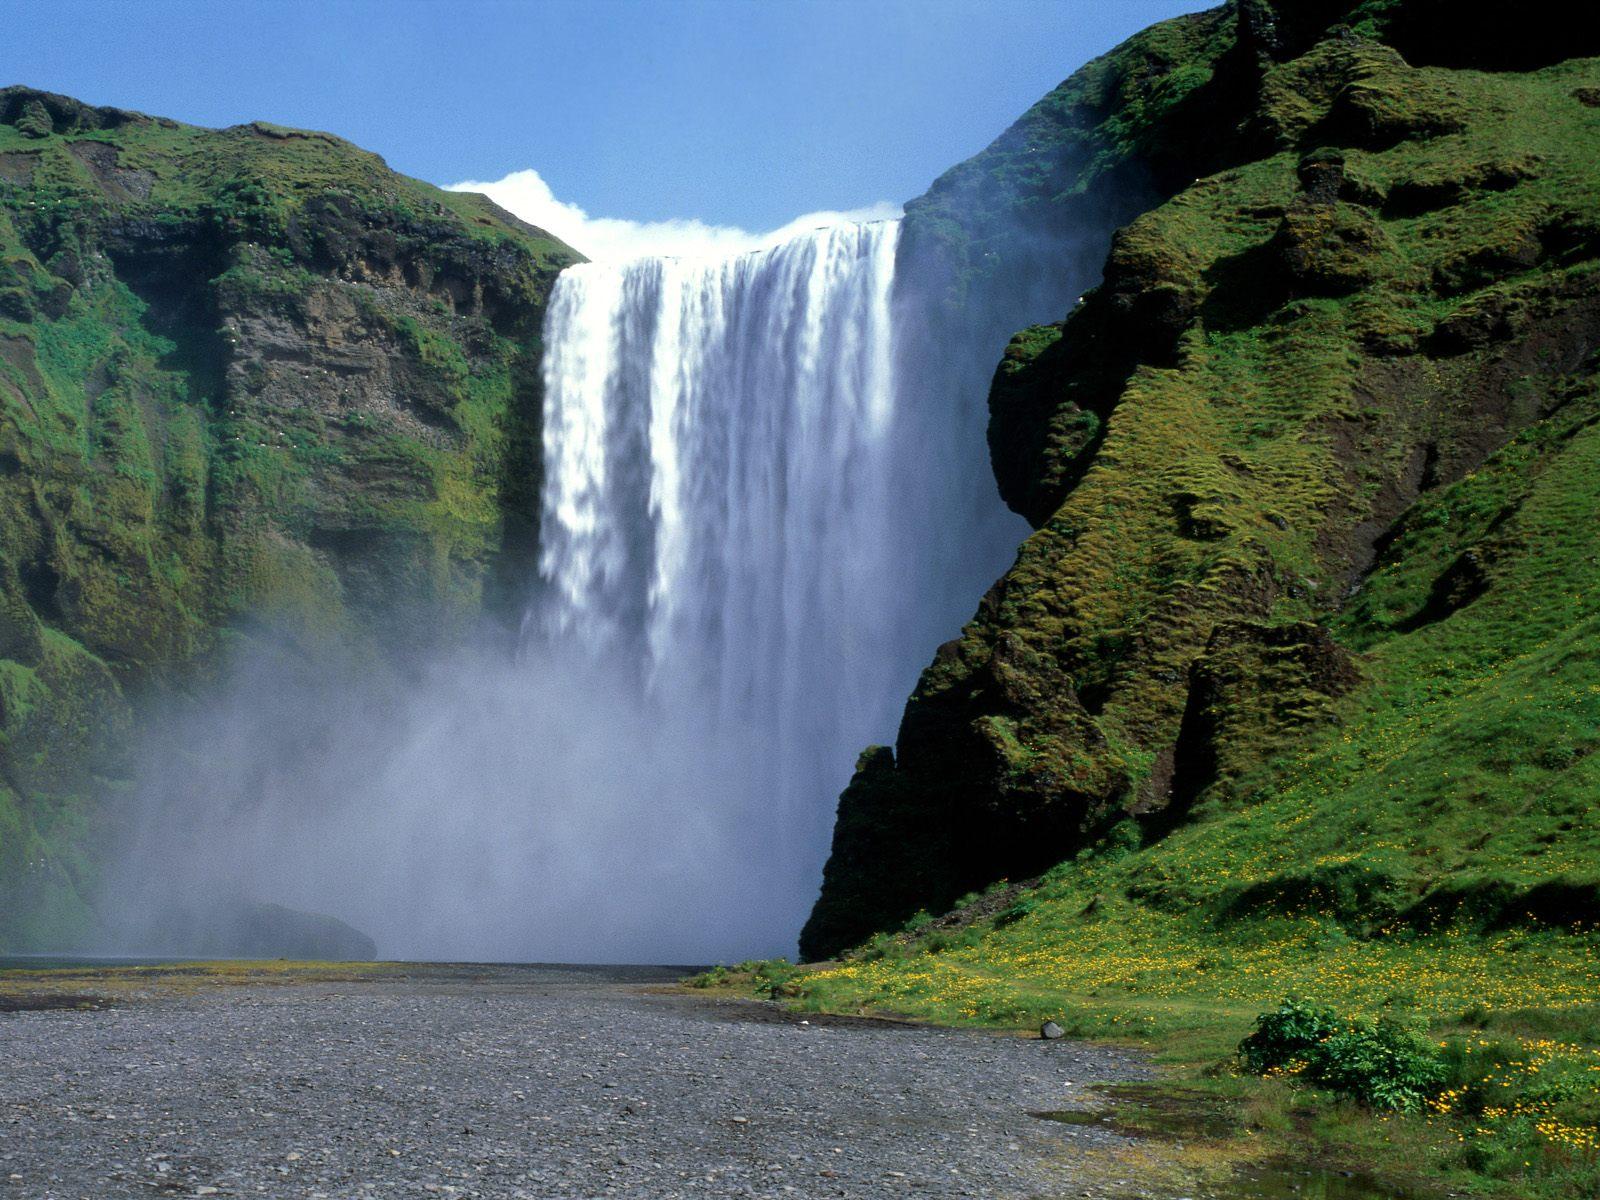 водопады картинки на аватарку берет своё